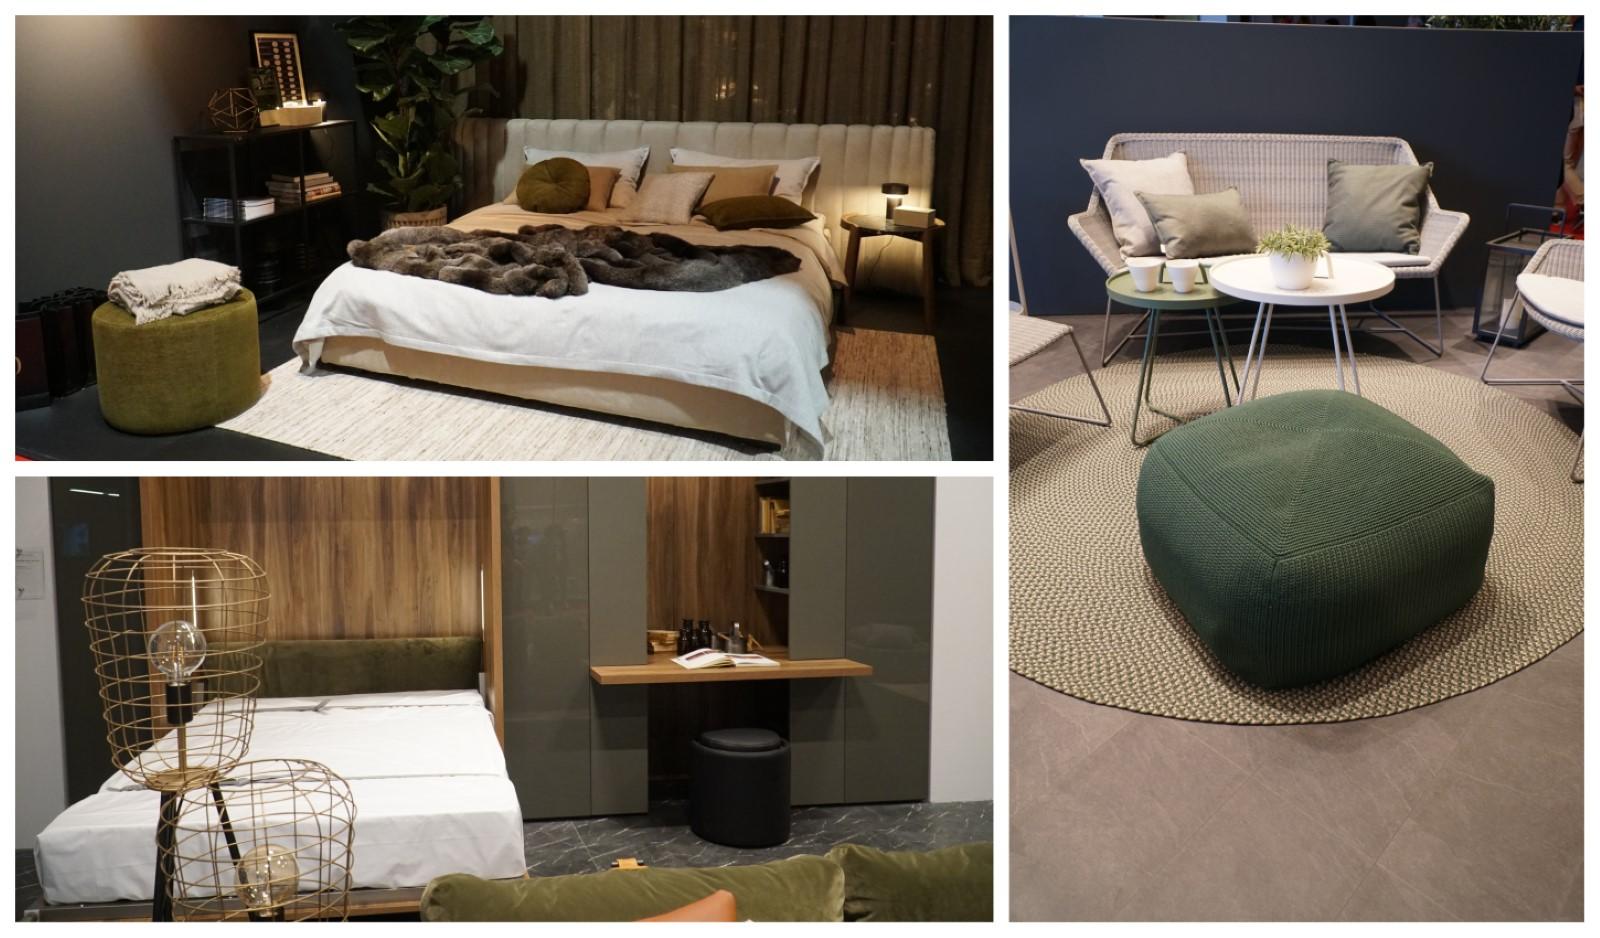 דוגמאות של רהיטים בשילוב הגוון הירוק